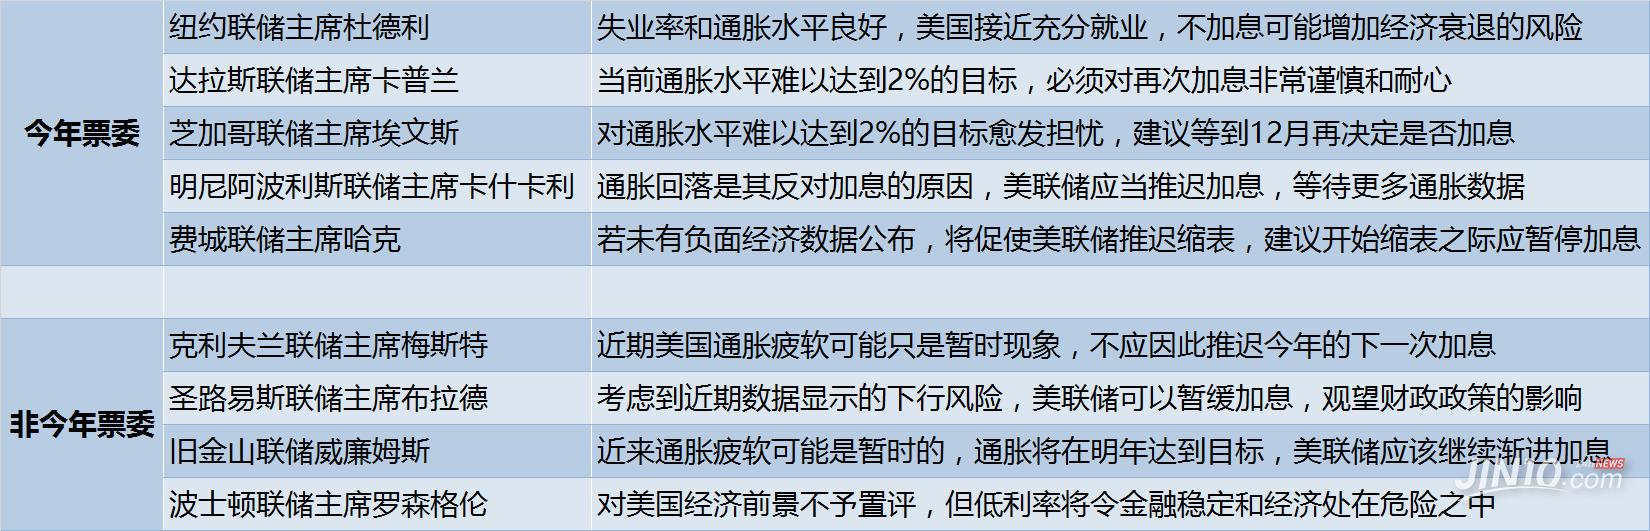 王云飞:加息后首次亮相 今晚耶伦又要玩心跳游戏?